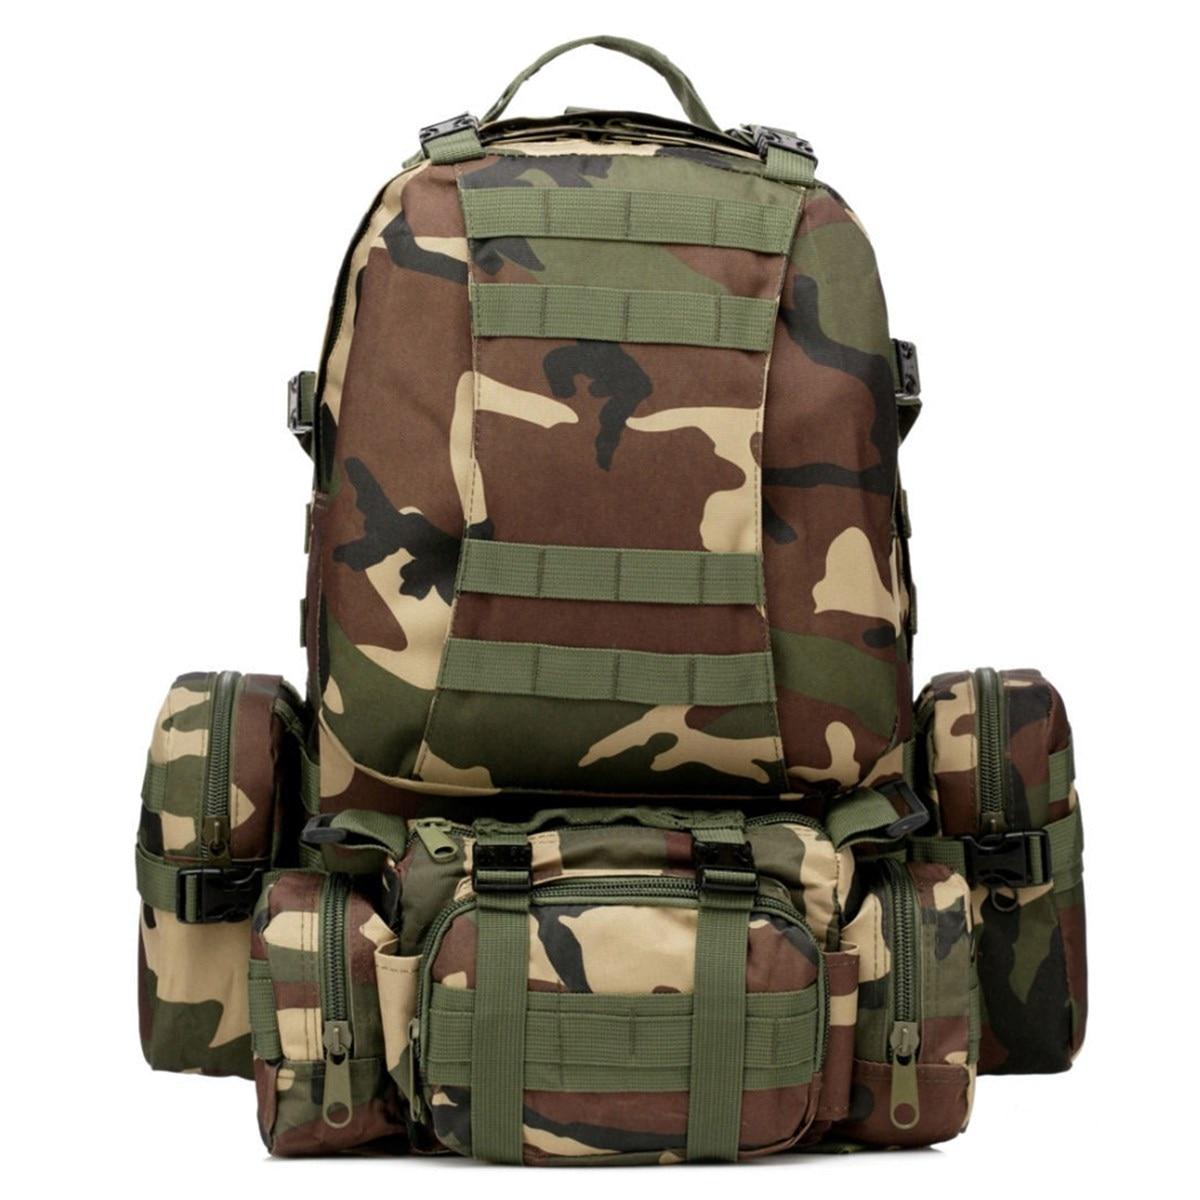 55l 600D нейлон Военная Униформа тактический рюкзак спорт 3D Молл рюкзак водостойкая Кемпинг Пеший Туризм рюкзак Альпинизм Восхождение сумка